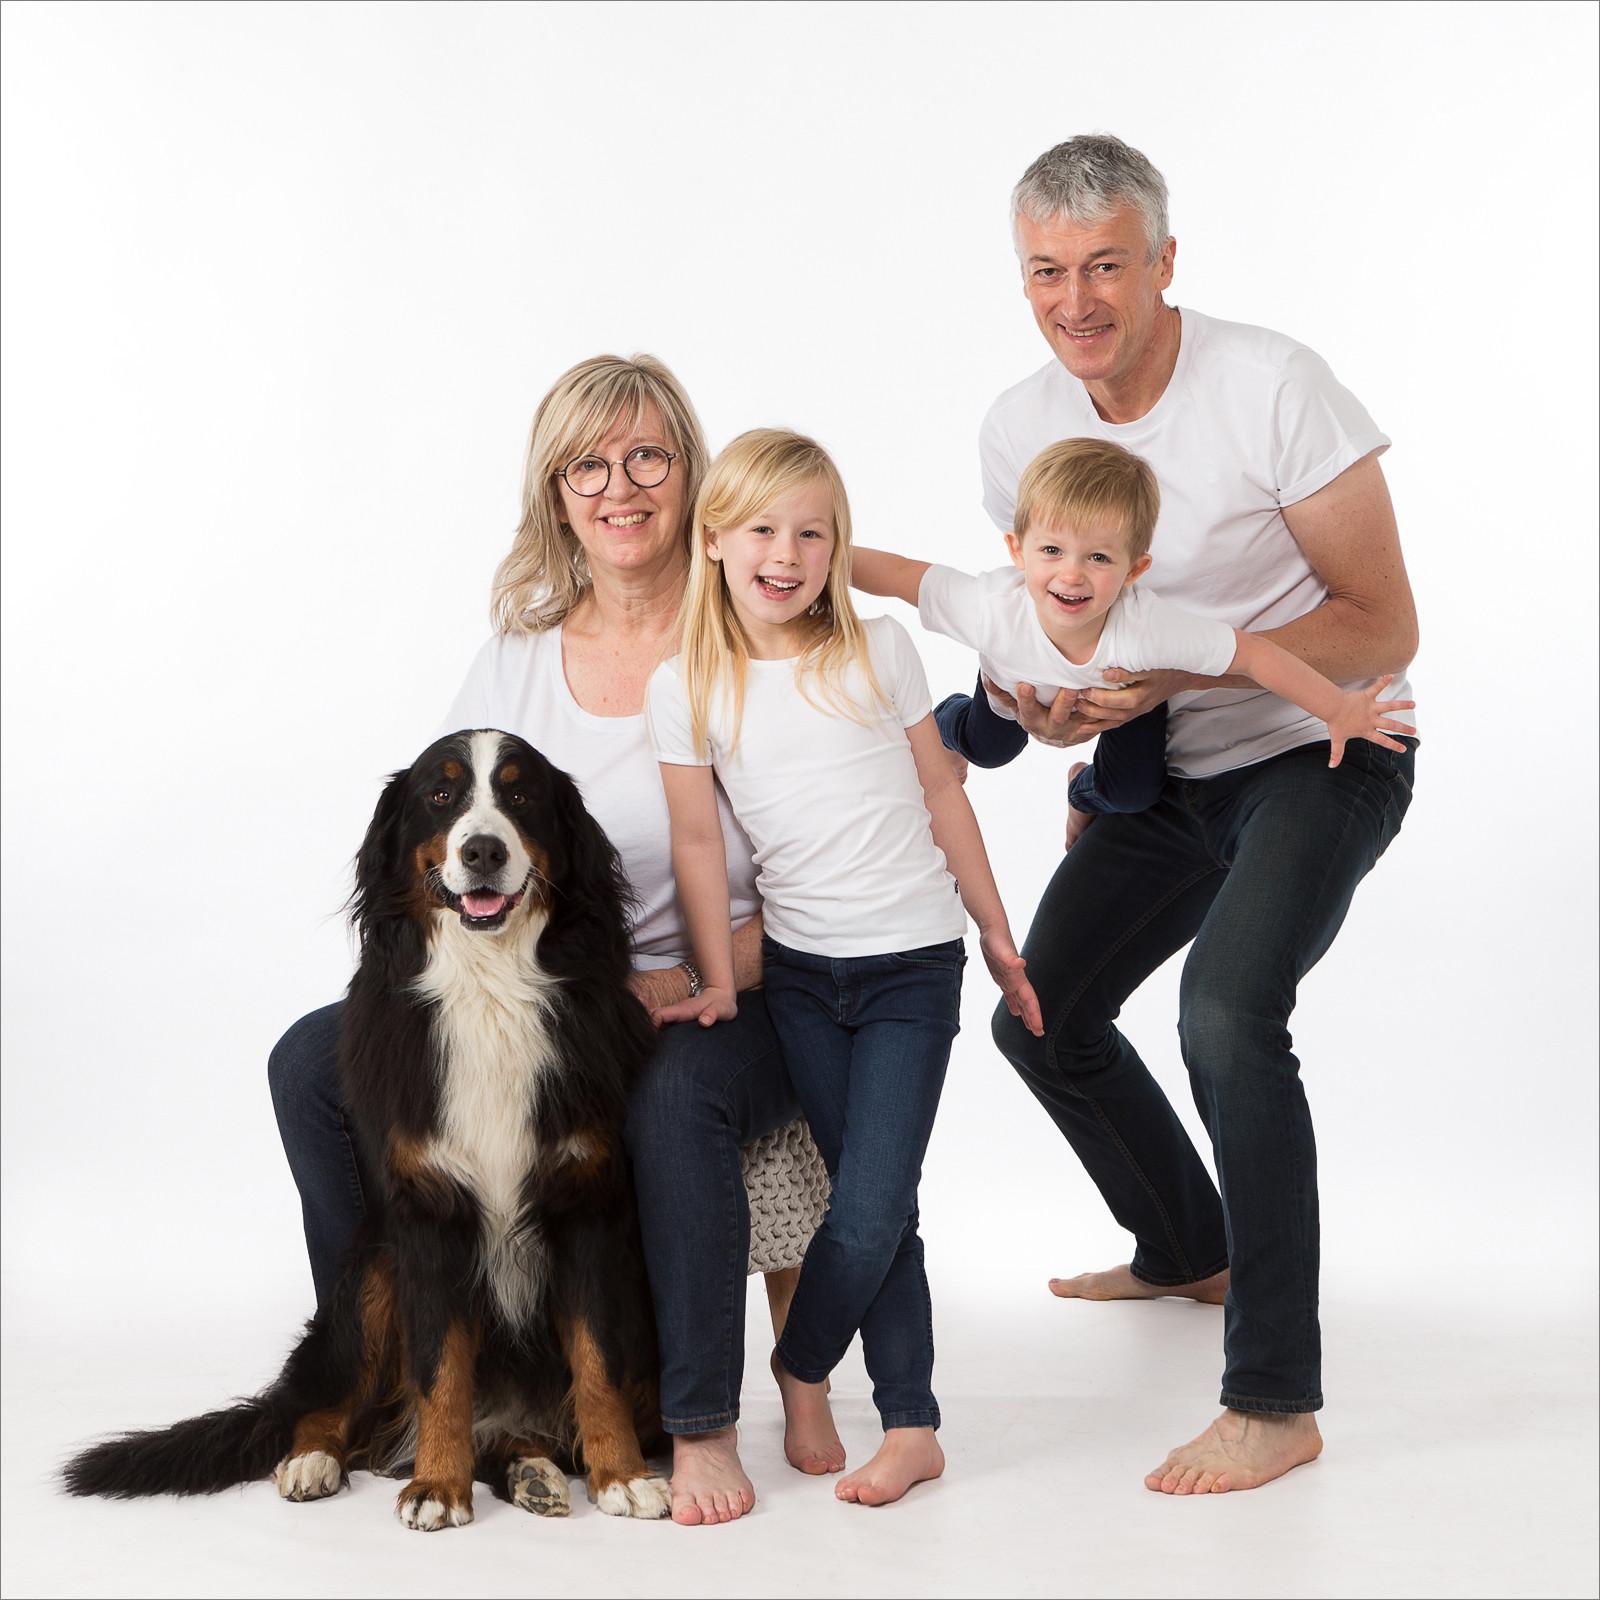 Gezin- en familiefotografie